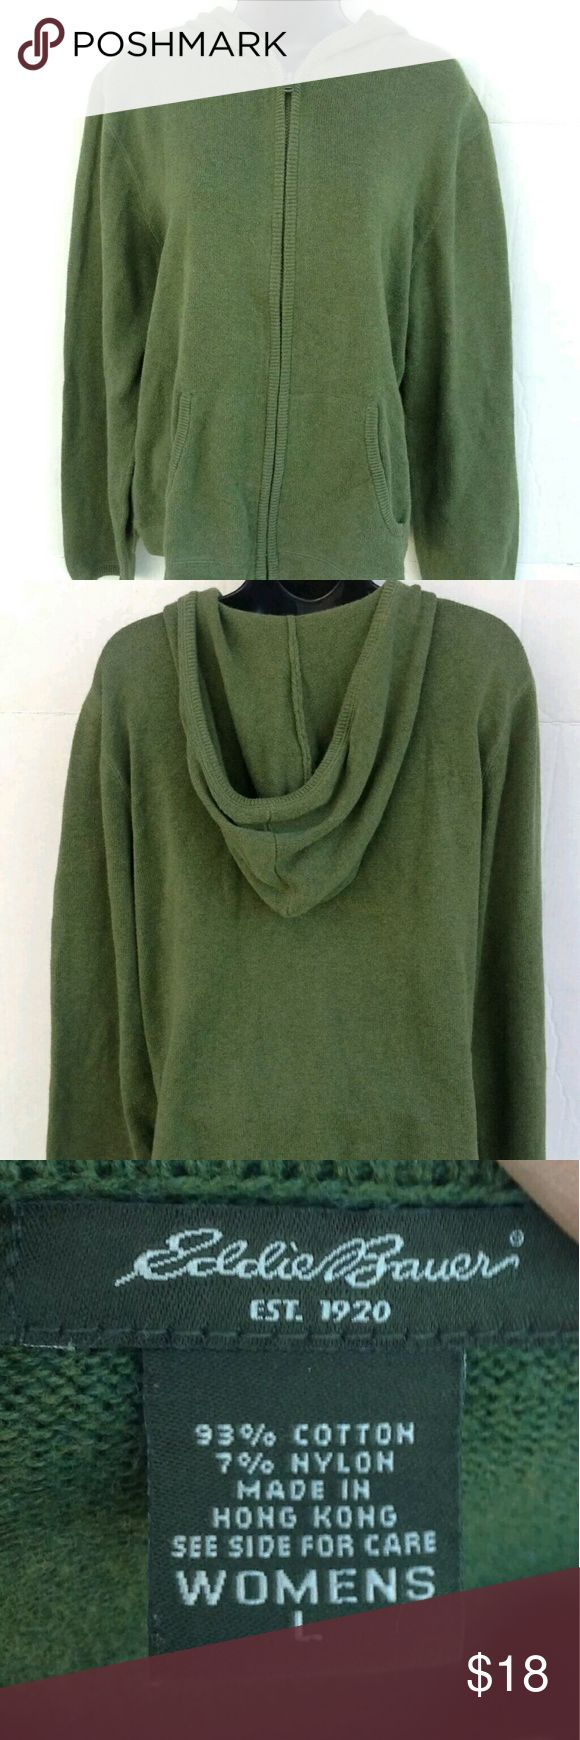 Eddie Bauer, women's L dark green zip up Sweater Eddie Bauer, women's L dark green zip up hooded sweater. Eddie Bauer Sweaters